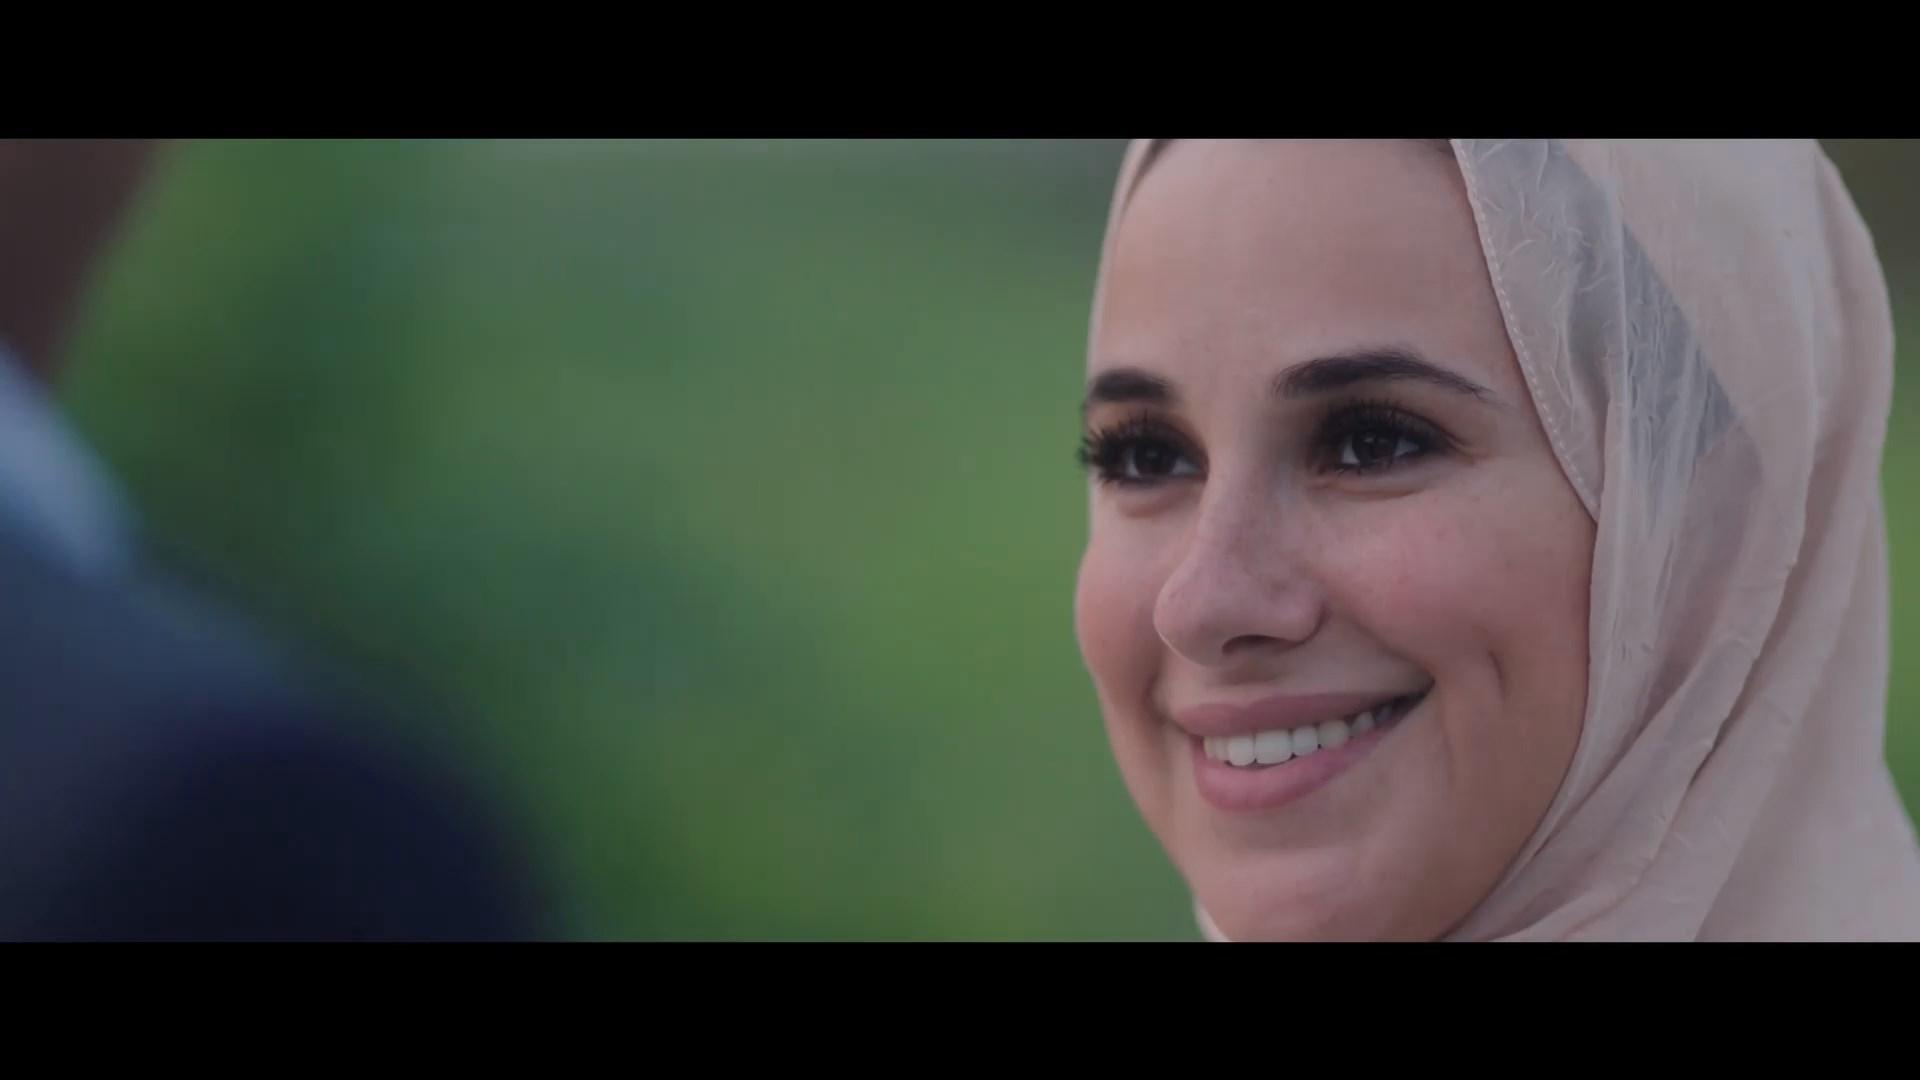 مسلسل إلا أنا حكاية أمر شخصي الحلقة الثالثة (2020) 1080p تحميل تورنت 3 arabp2p.com